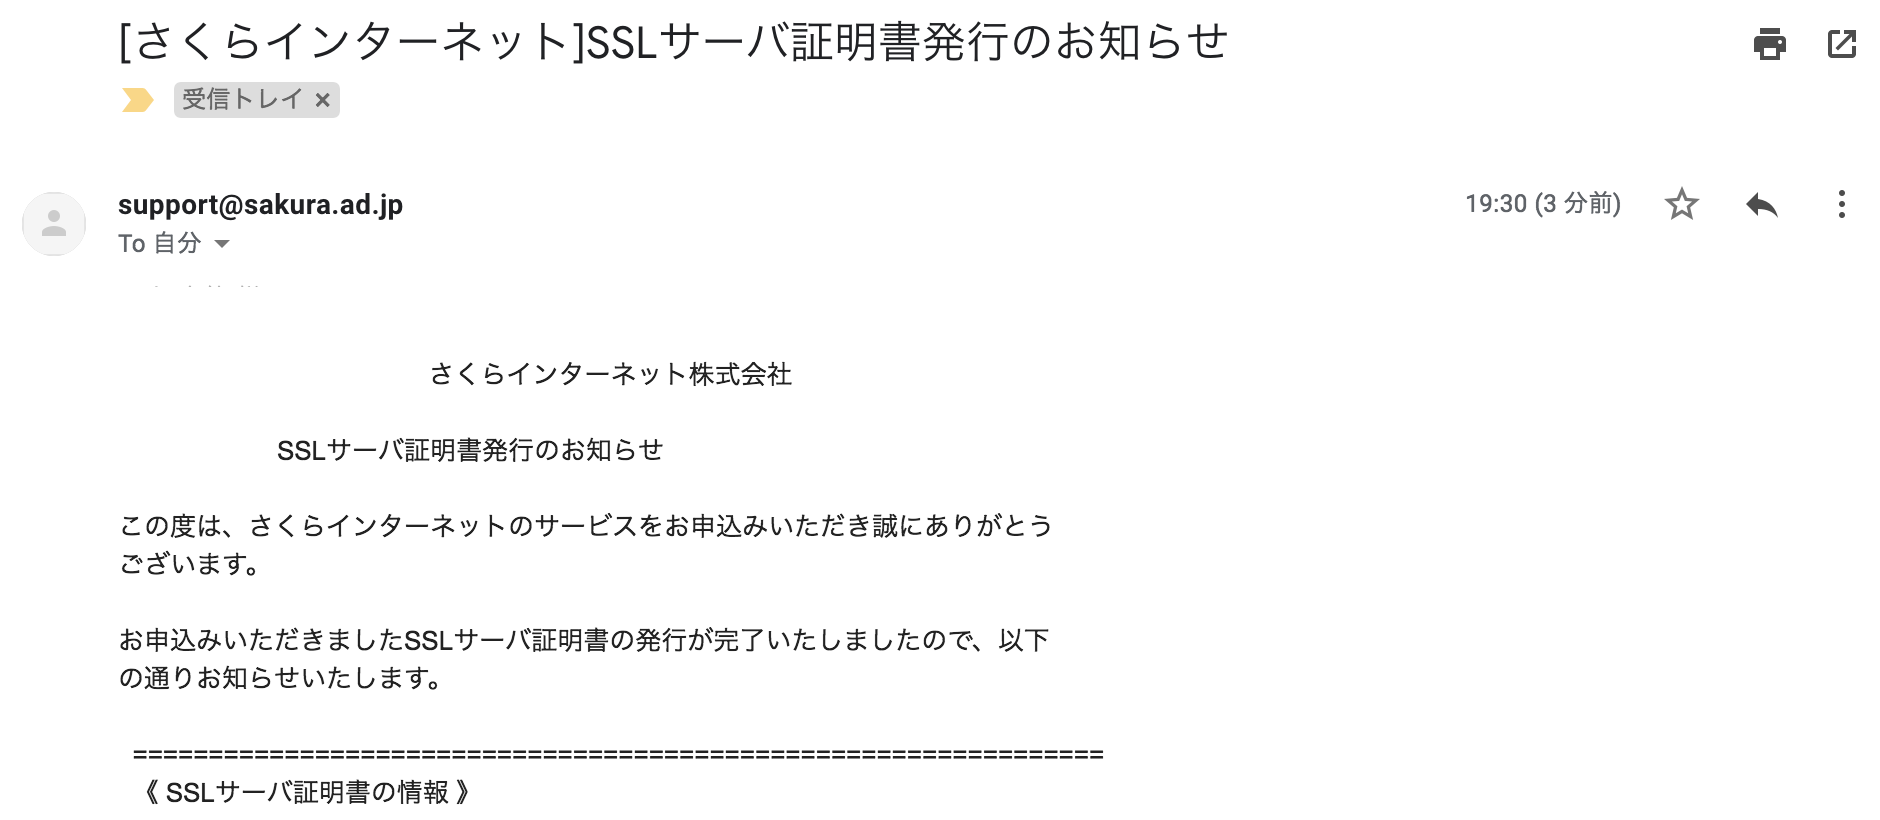 さくらサーバーでのSSL化対応